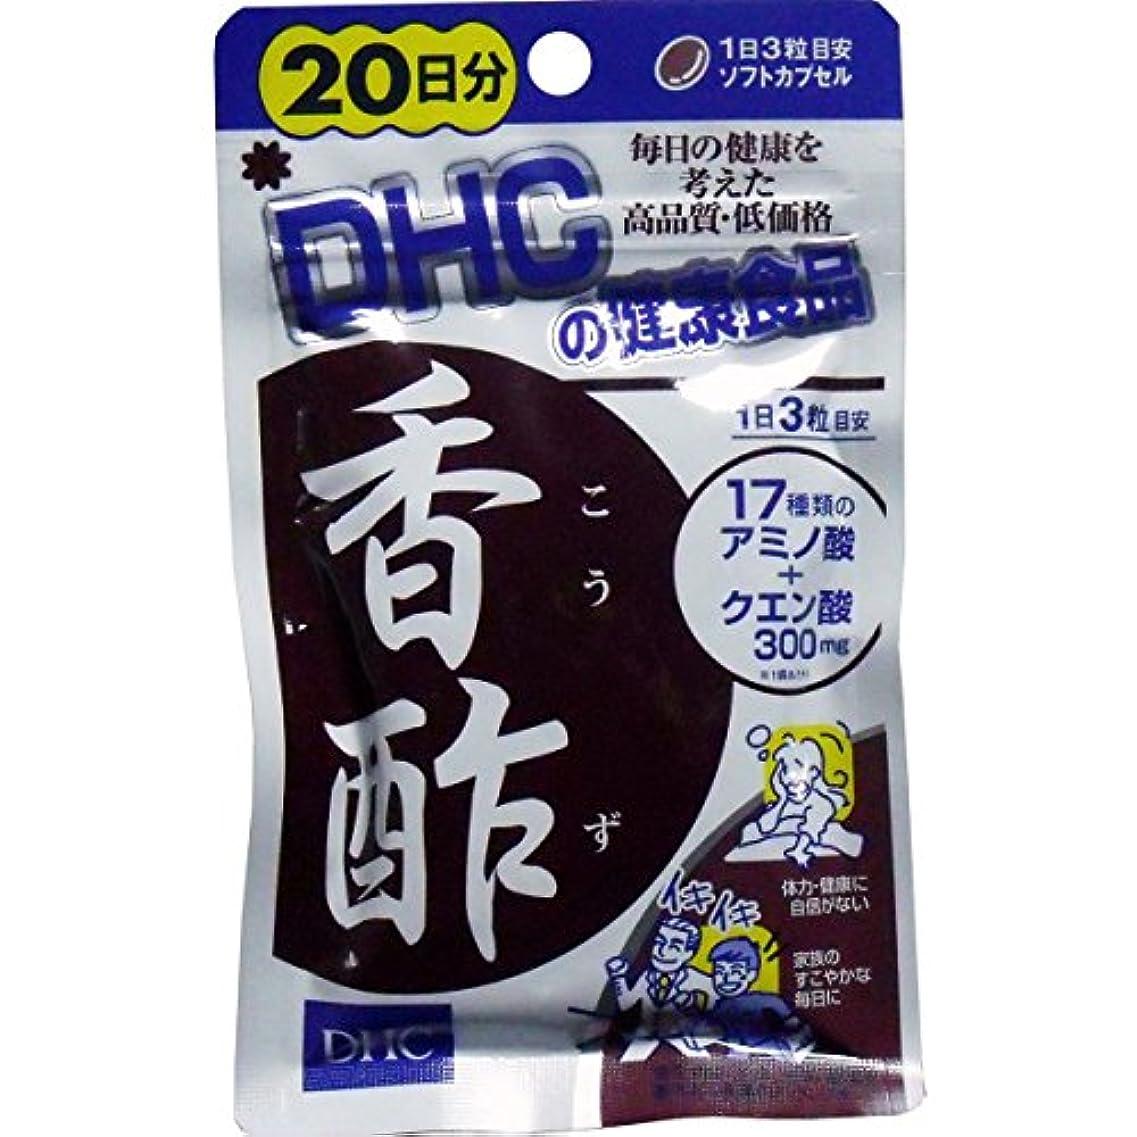 名前動くマイナーDHC 香酢 20日分 60粒入「4点セット」